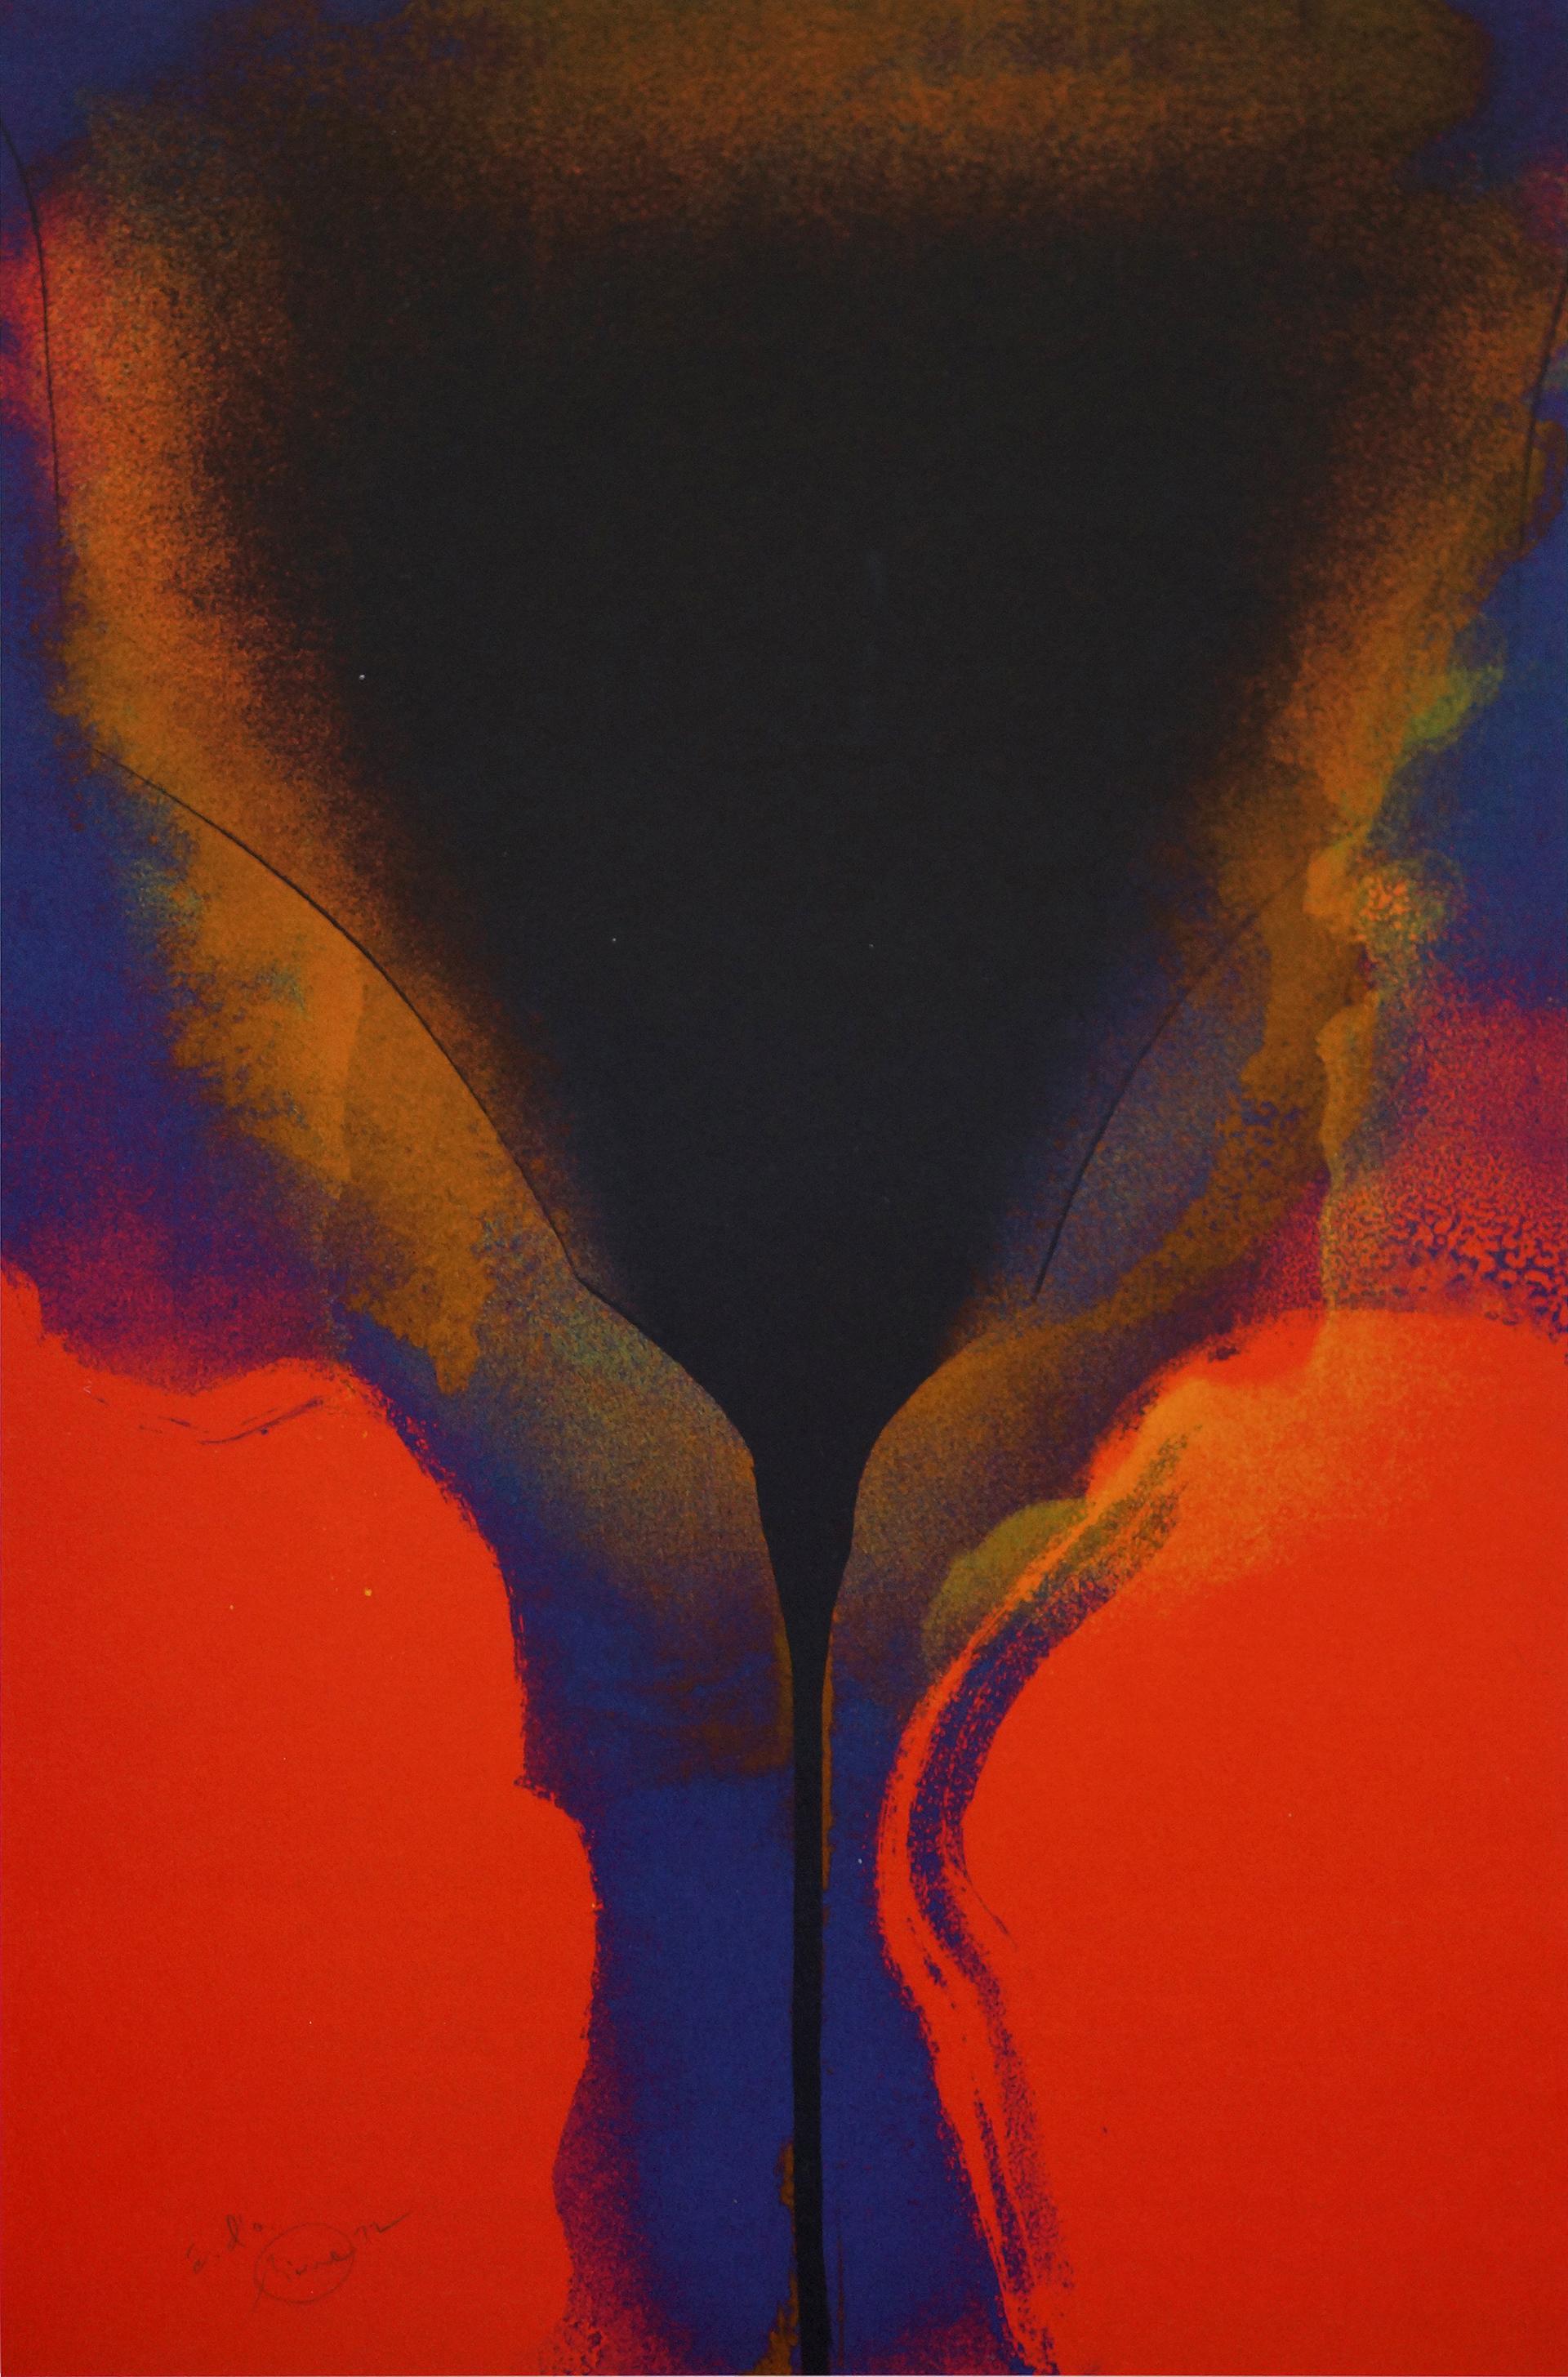 Otto Piene: Diptychon (1972)